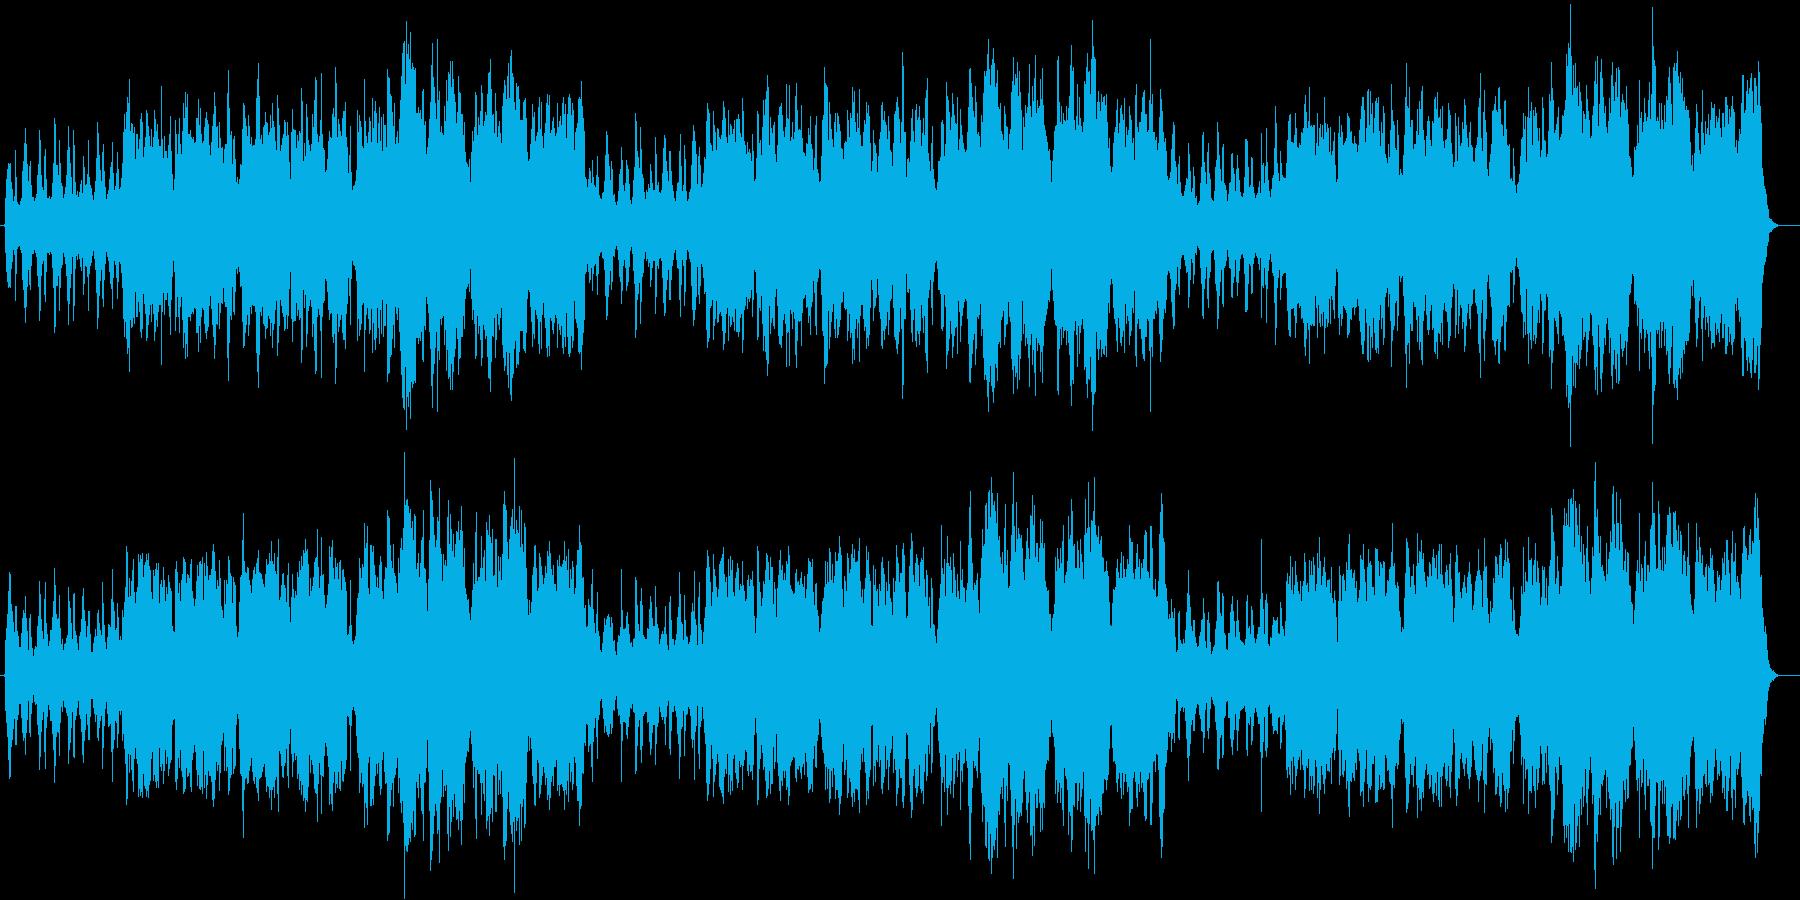 上品なゆったり感ピアノ・オルガンサウンドの再生済みの波形